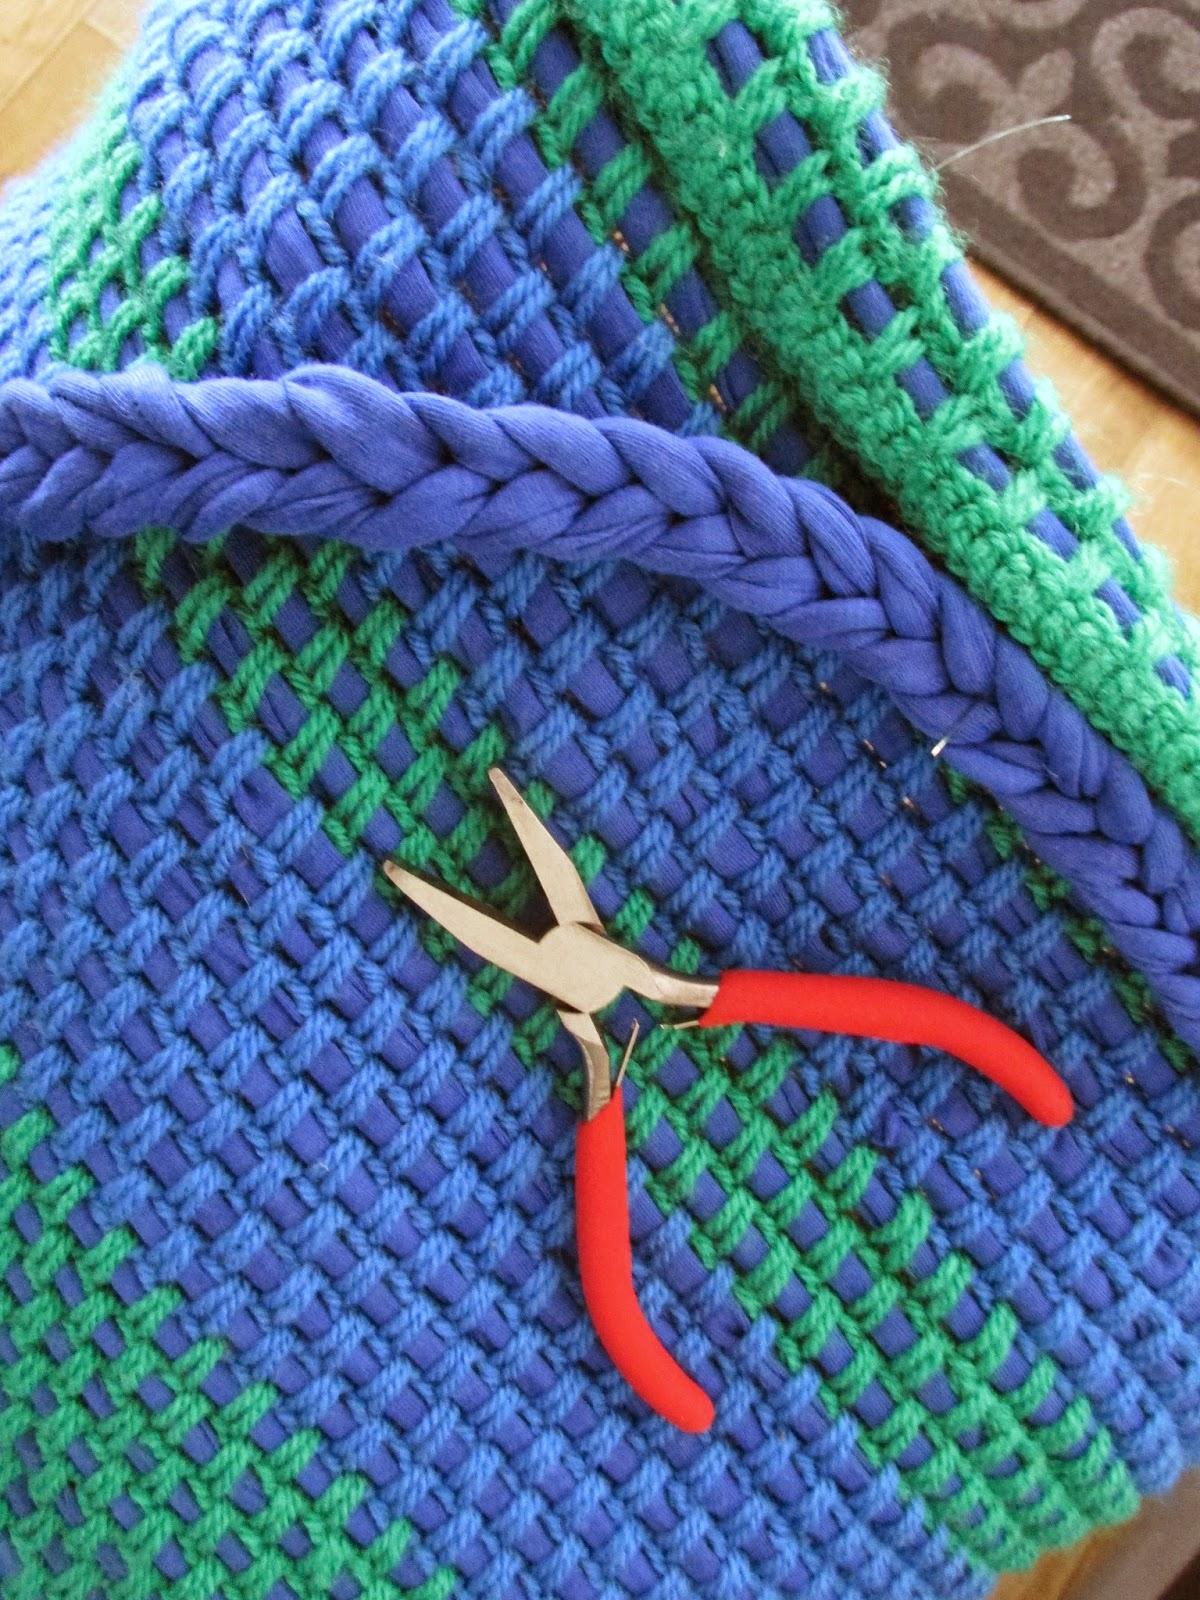 Sandras Eigenhandigheidje Blauw Met Groen Is Boerenfatsoen